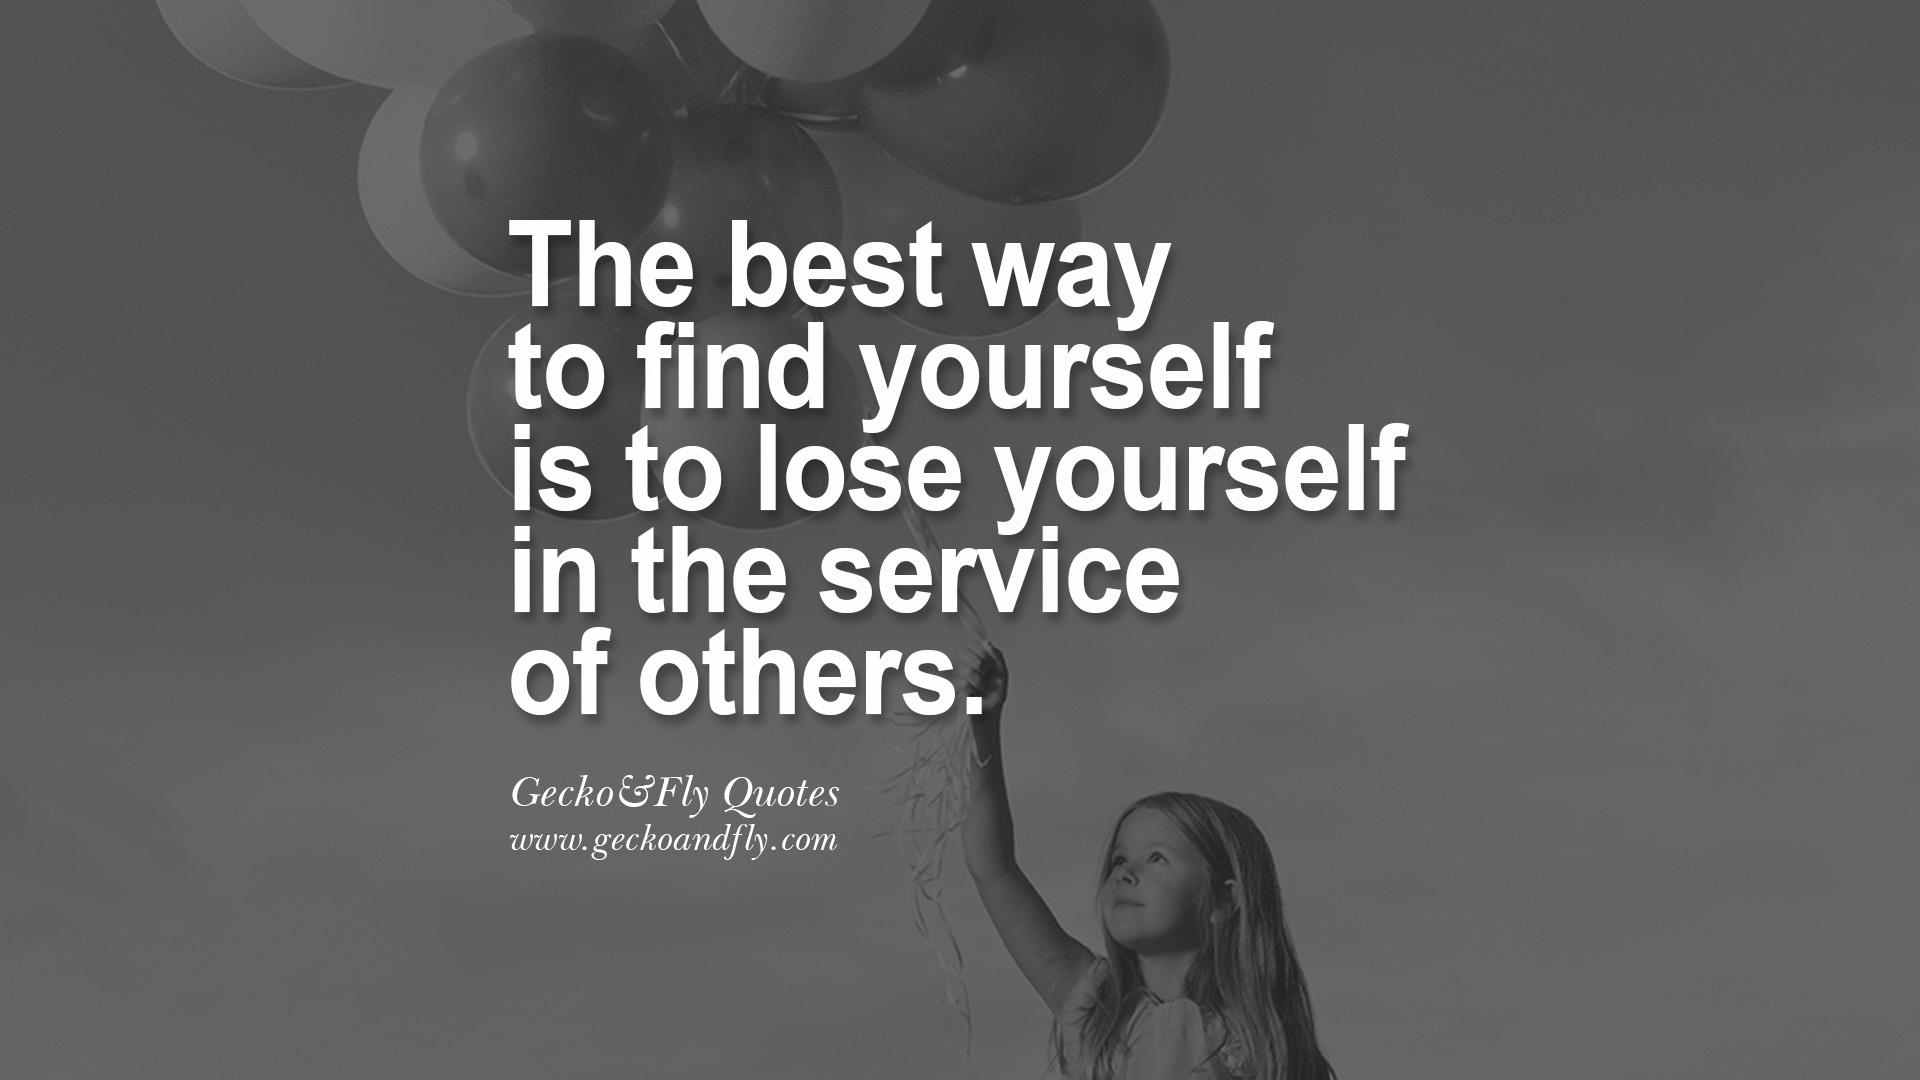 Human Service Quotes. QuotesGram